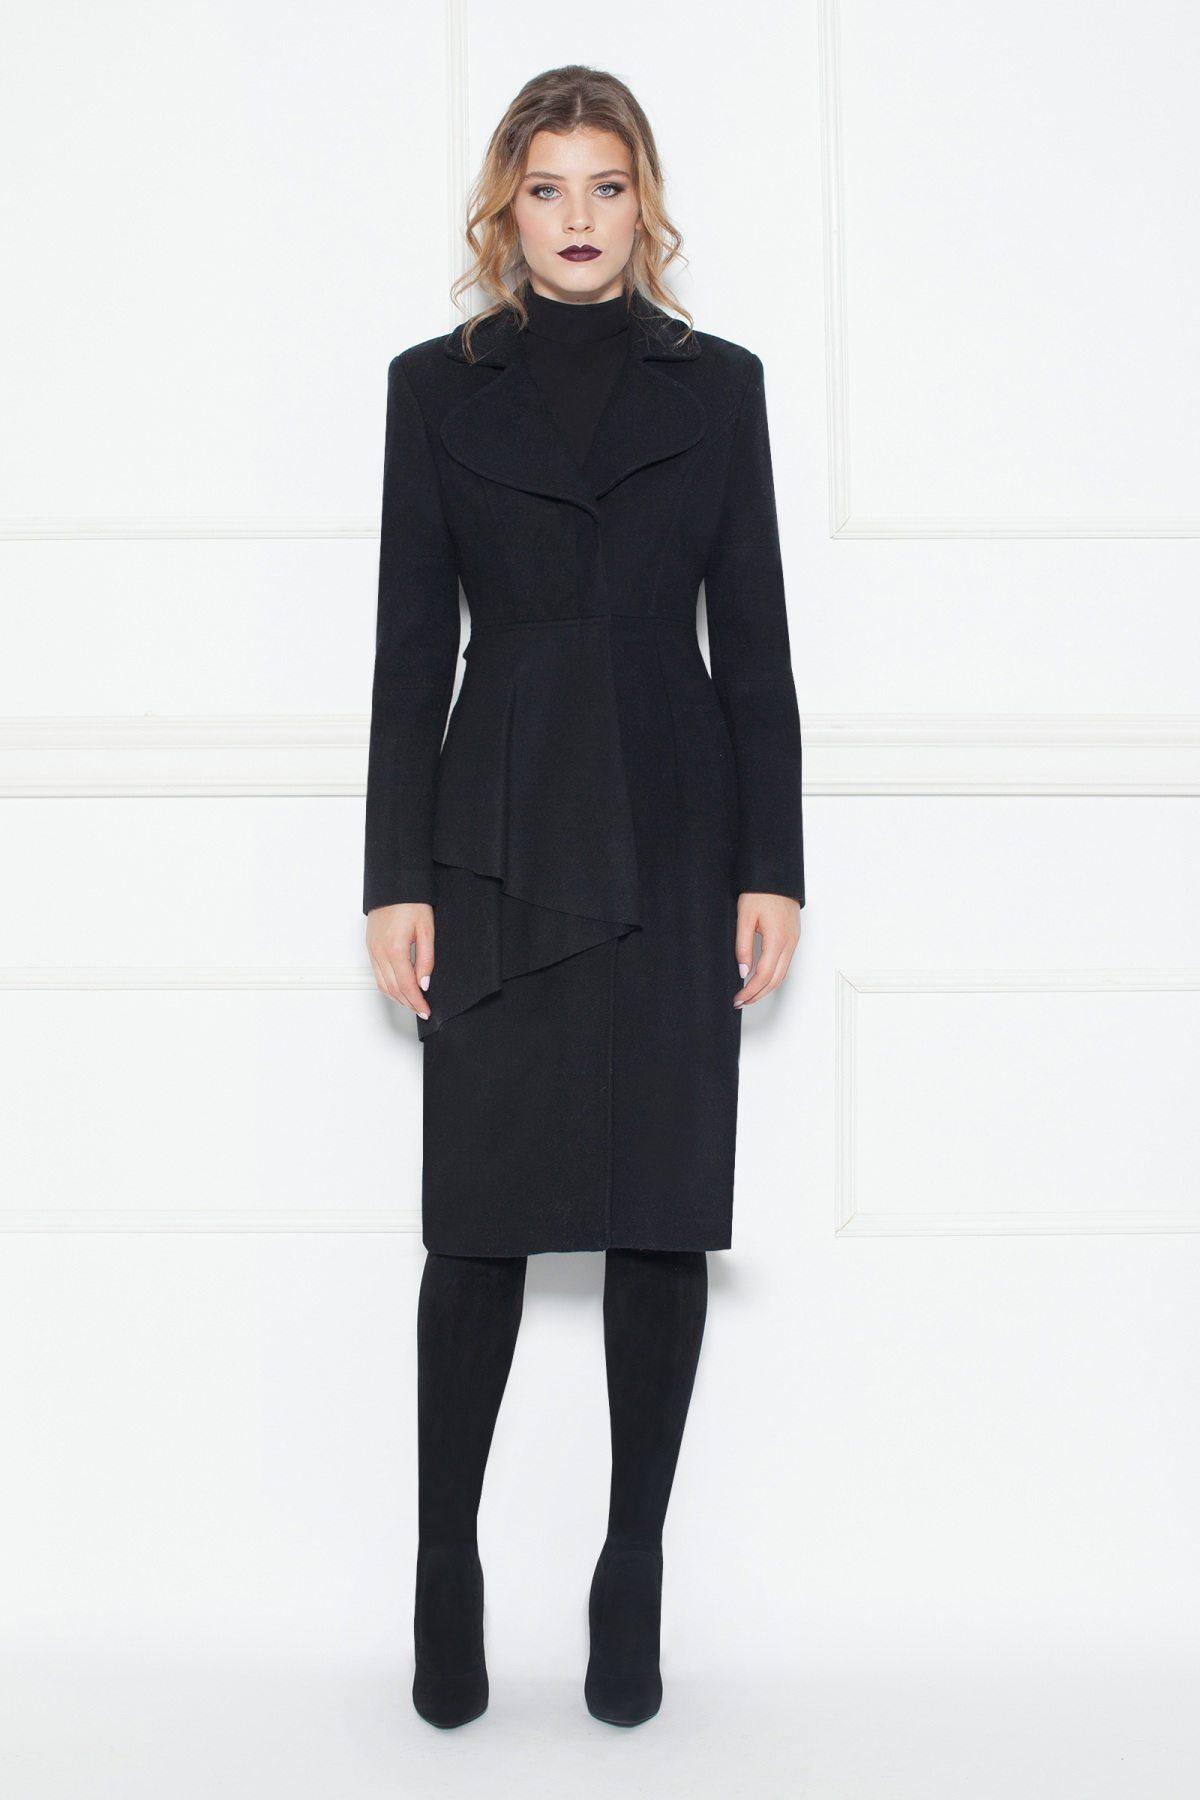 Palton negru cu volan aplicat Negru